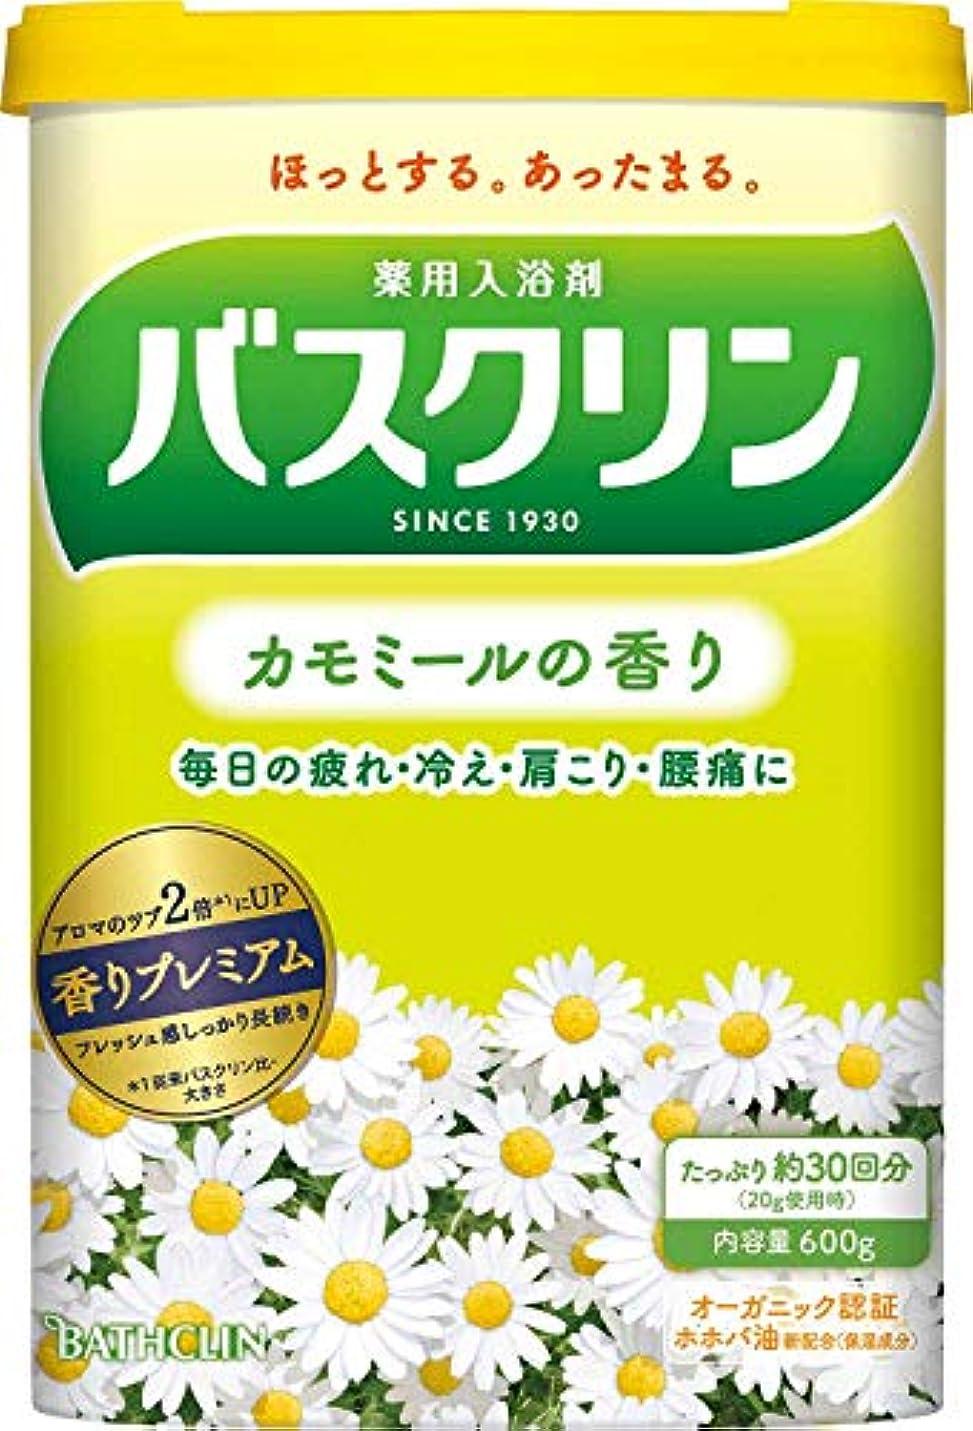 非武装化学者ミス【医薬部外品】バスクリン入浴剤 カモミールの香り600g(約30回分) 疲労回復